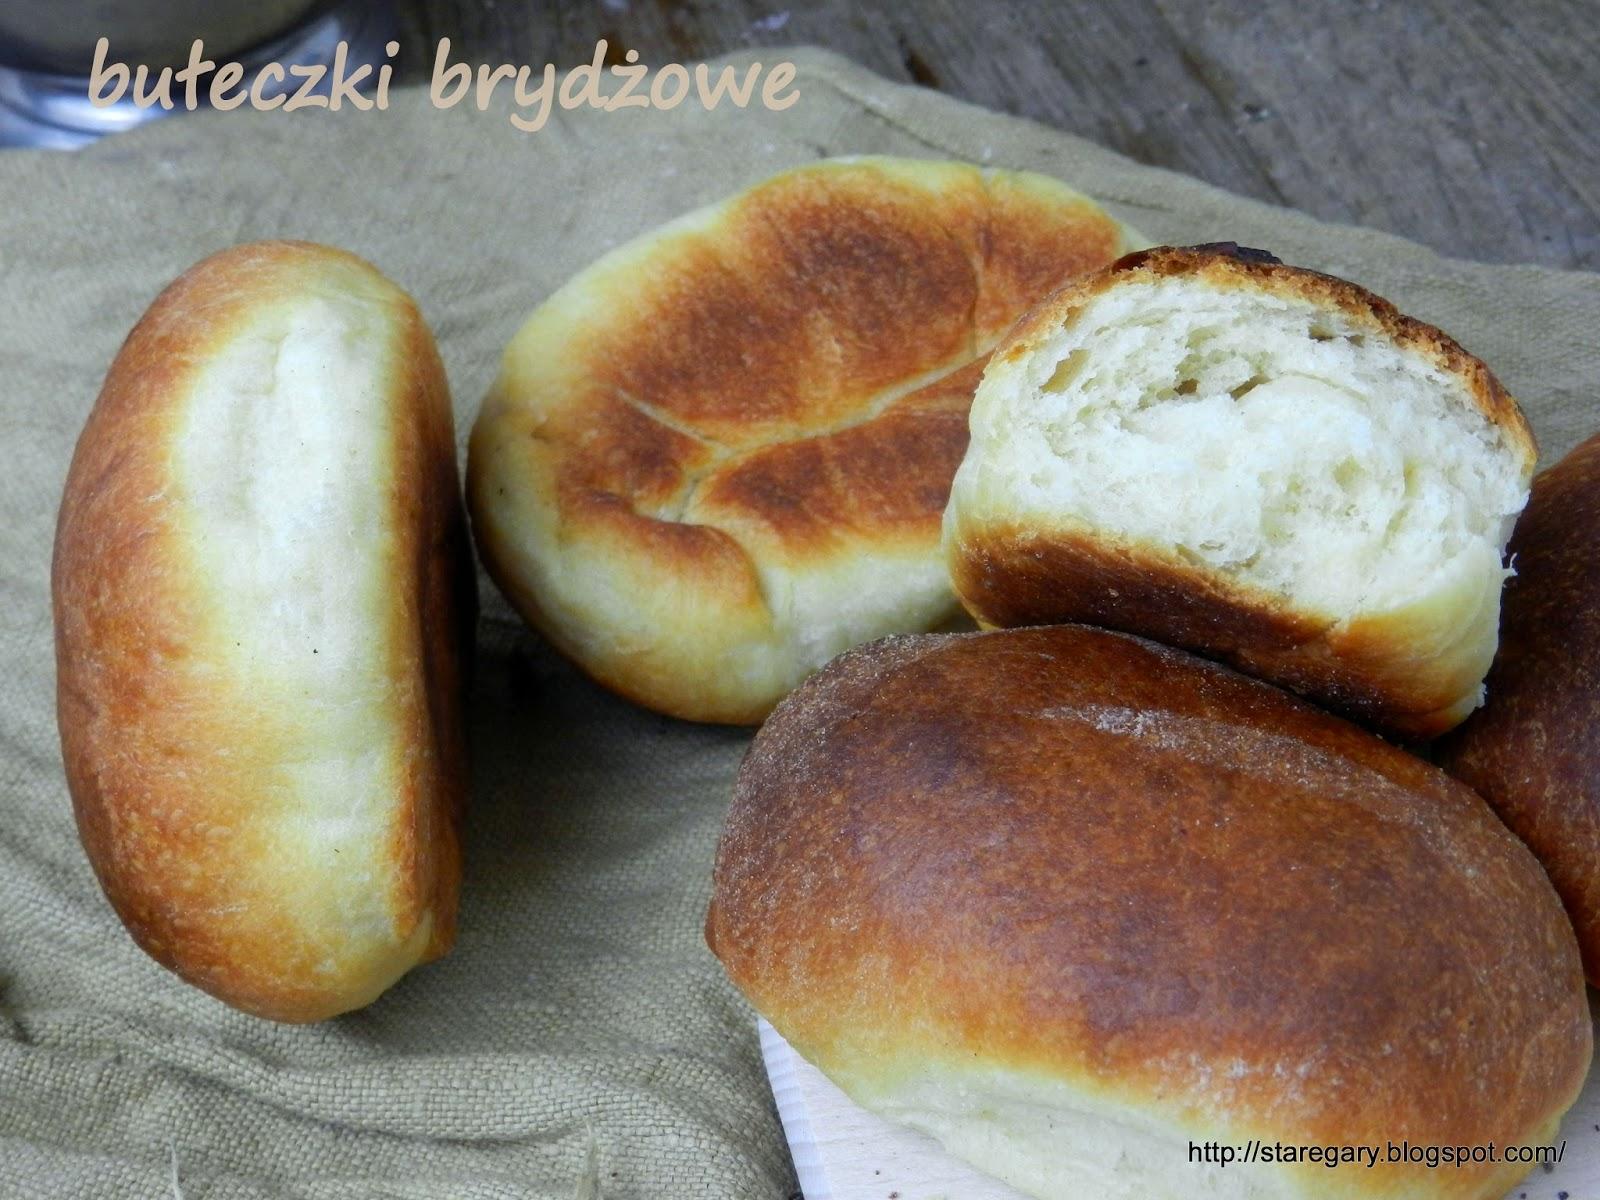 bułeczki brydżowe czyli  bridge rolls